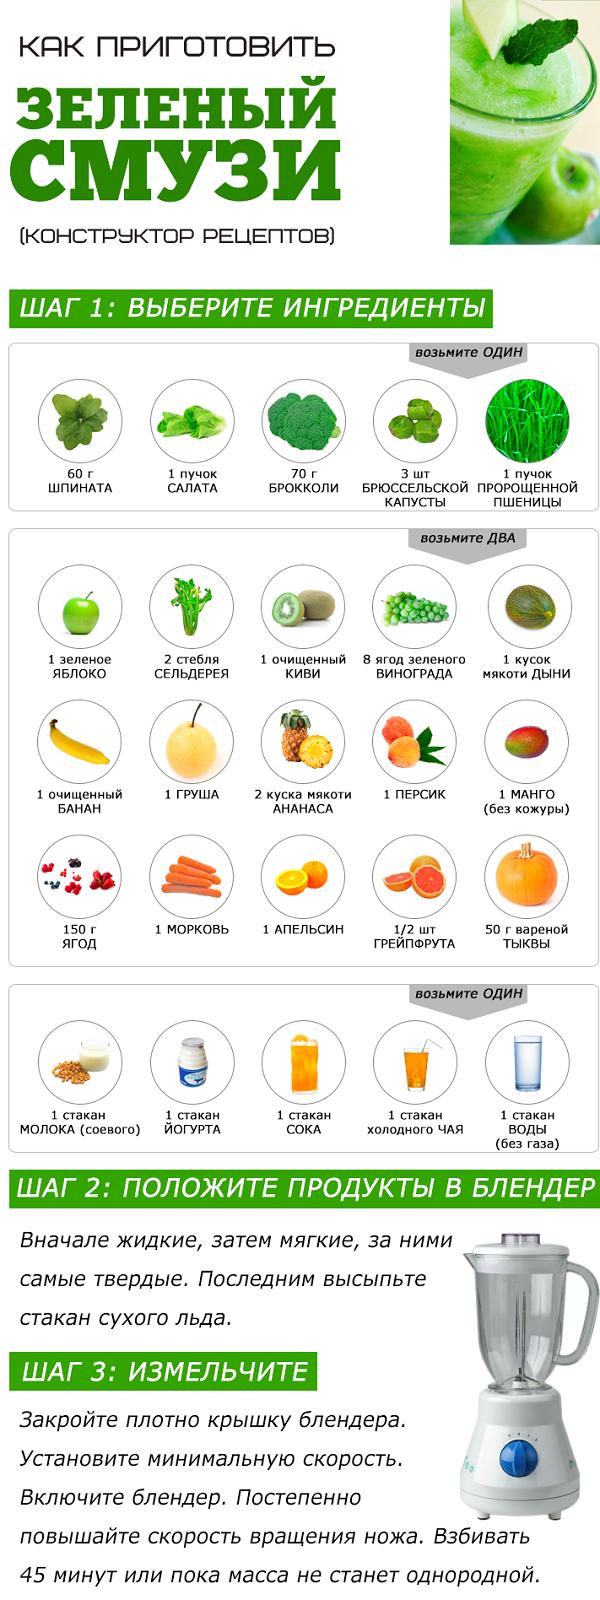 Смузи с сельдереем в блендере рецепты